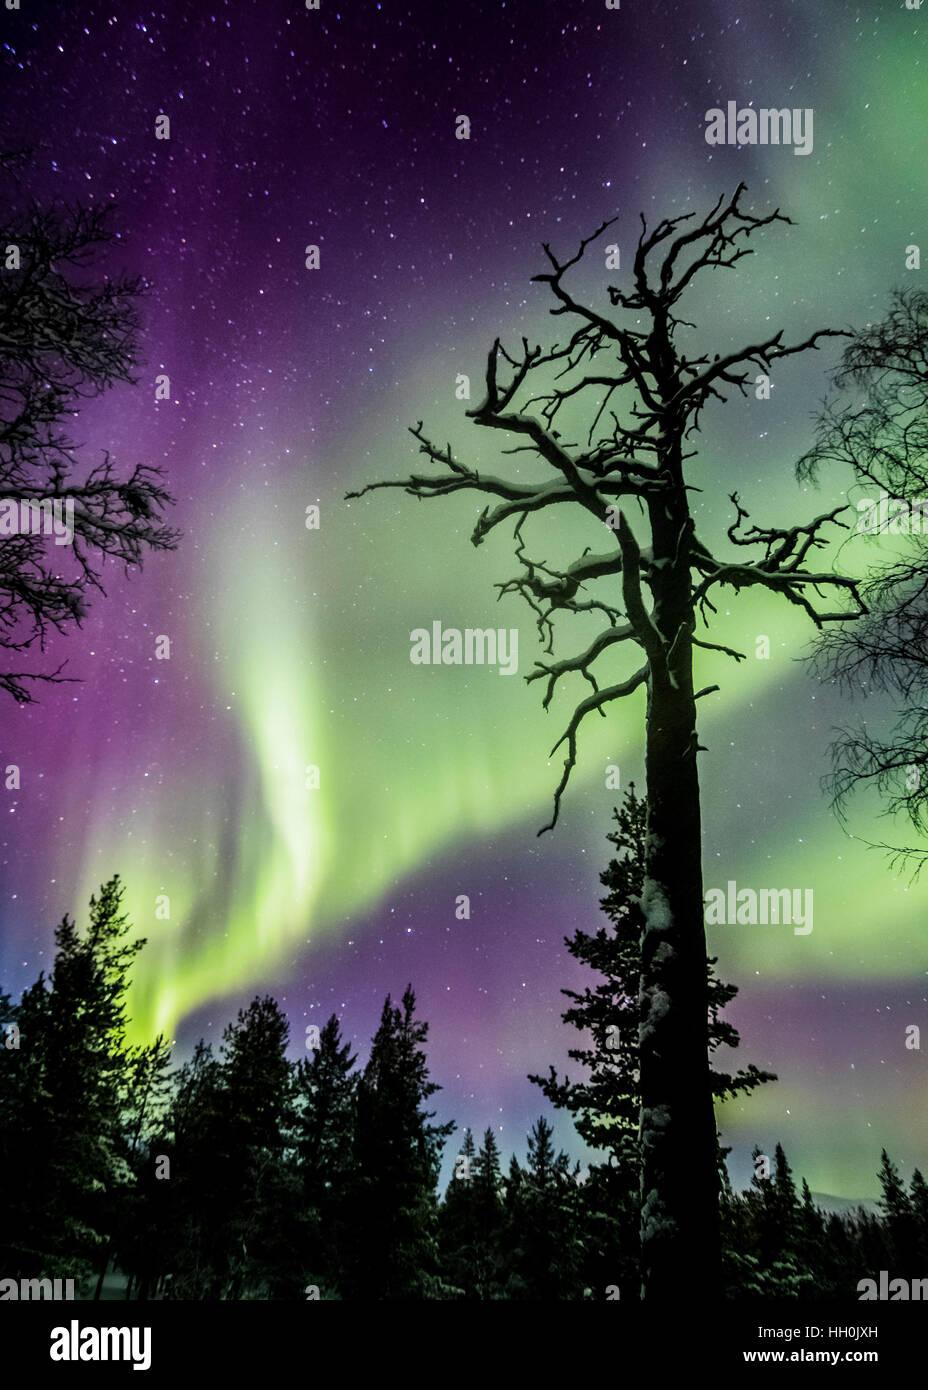 Nordlichter im Nationalpark Urho Kekkonen, Finnland Stockbild